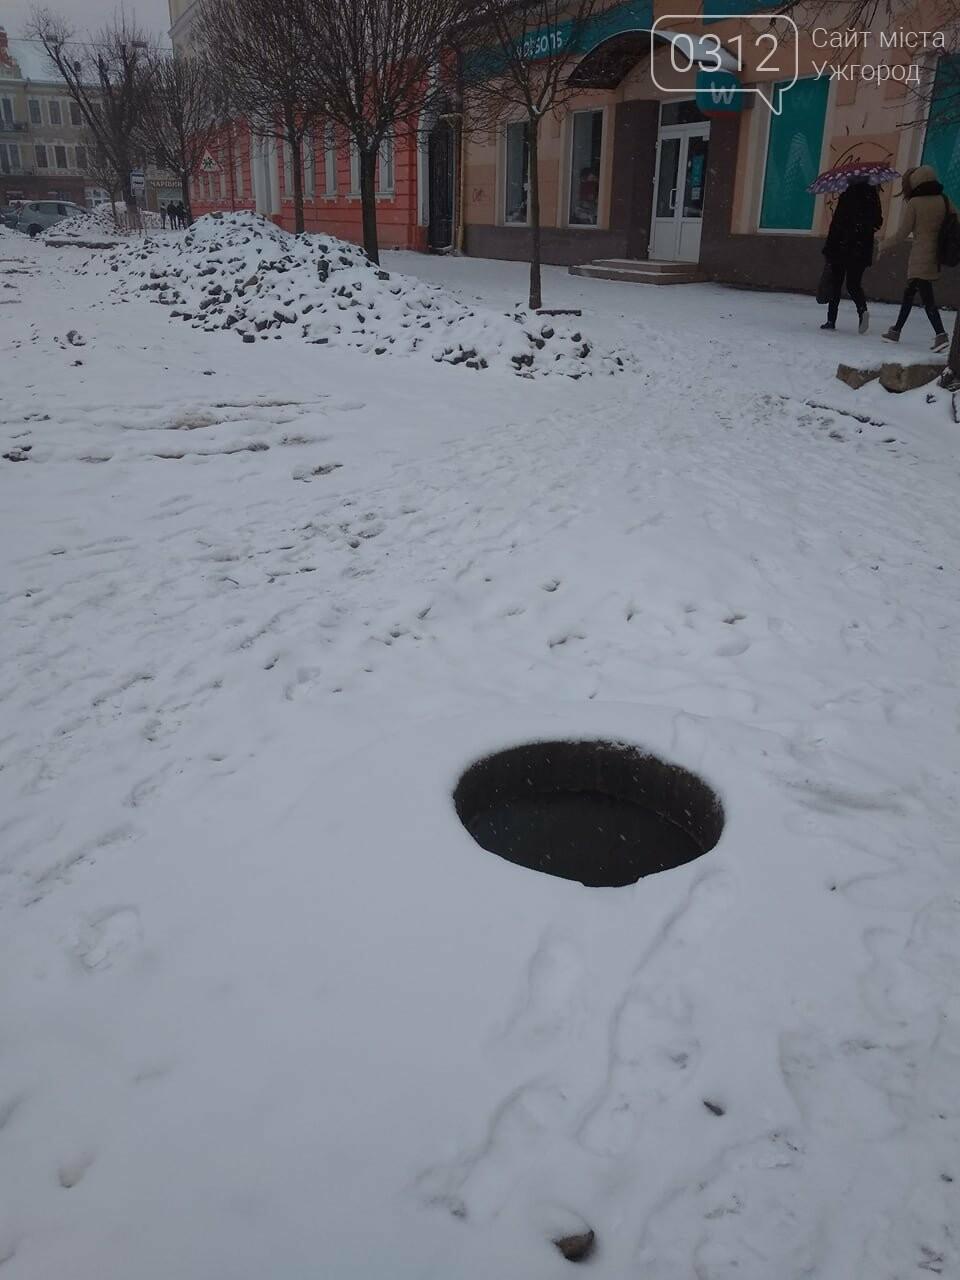 Обережно: в Ужгороді на площі Петефі біля ЗОШ №9 відкритий люк (ФОТО), фото-1